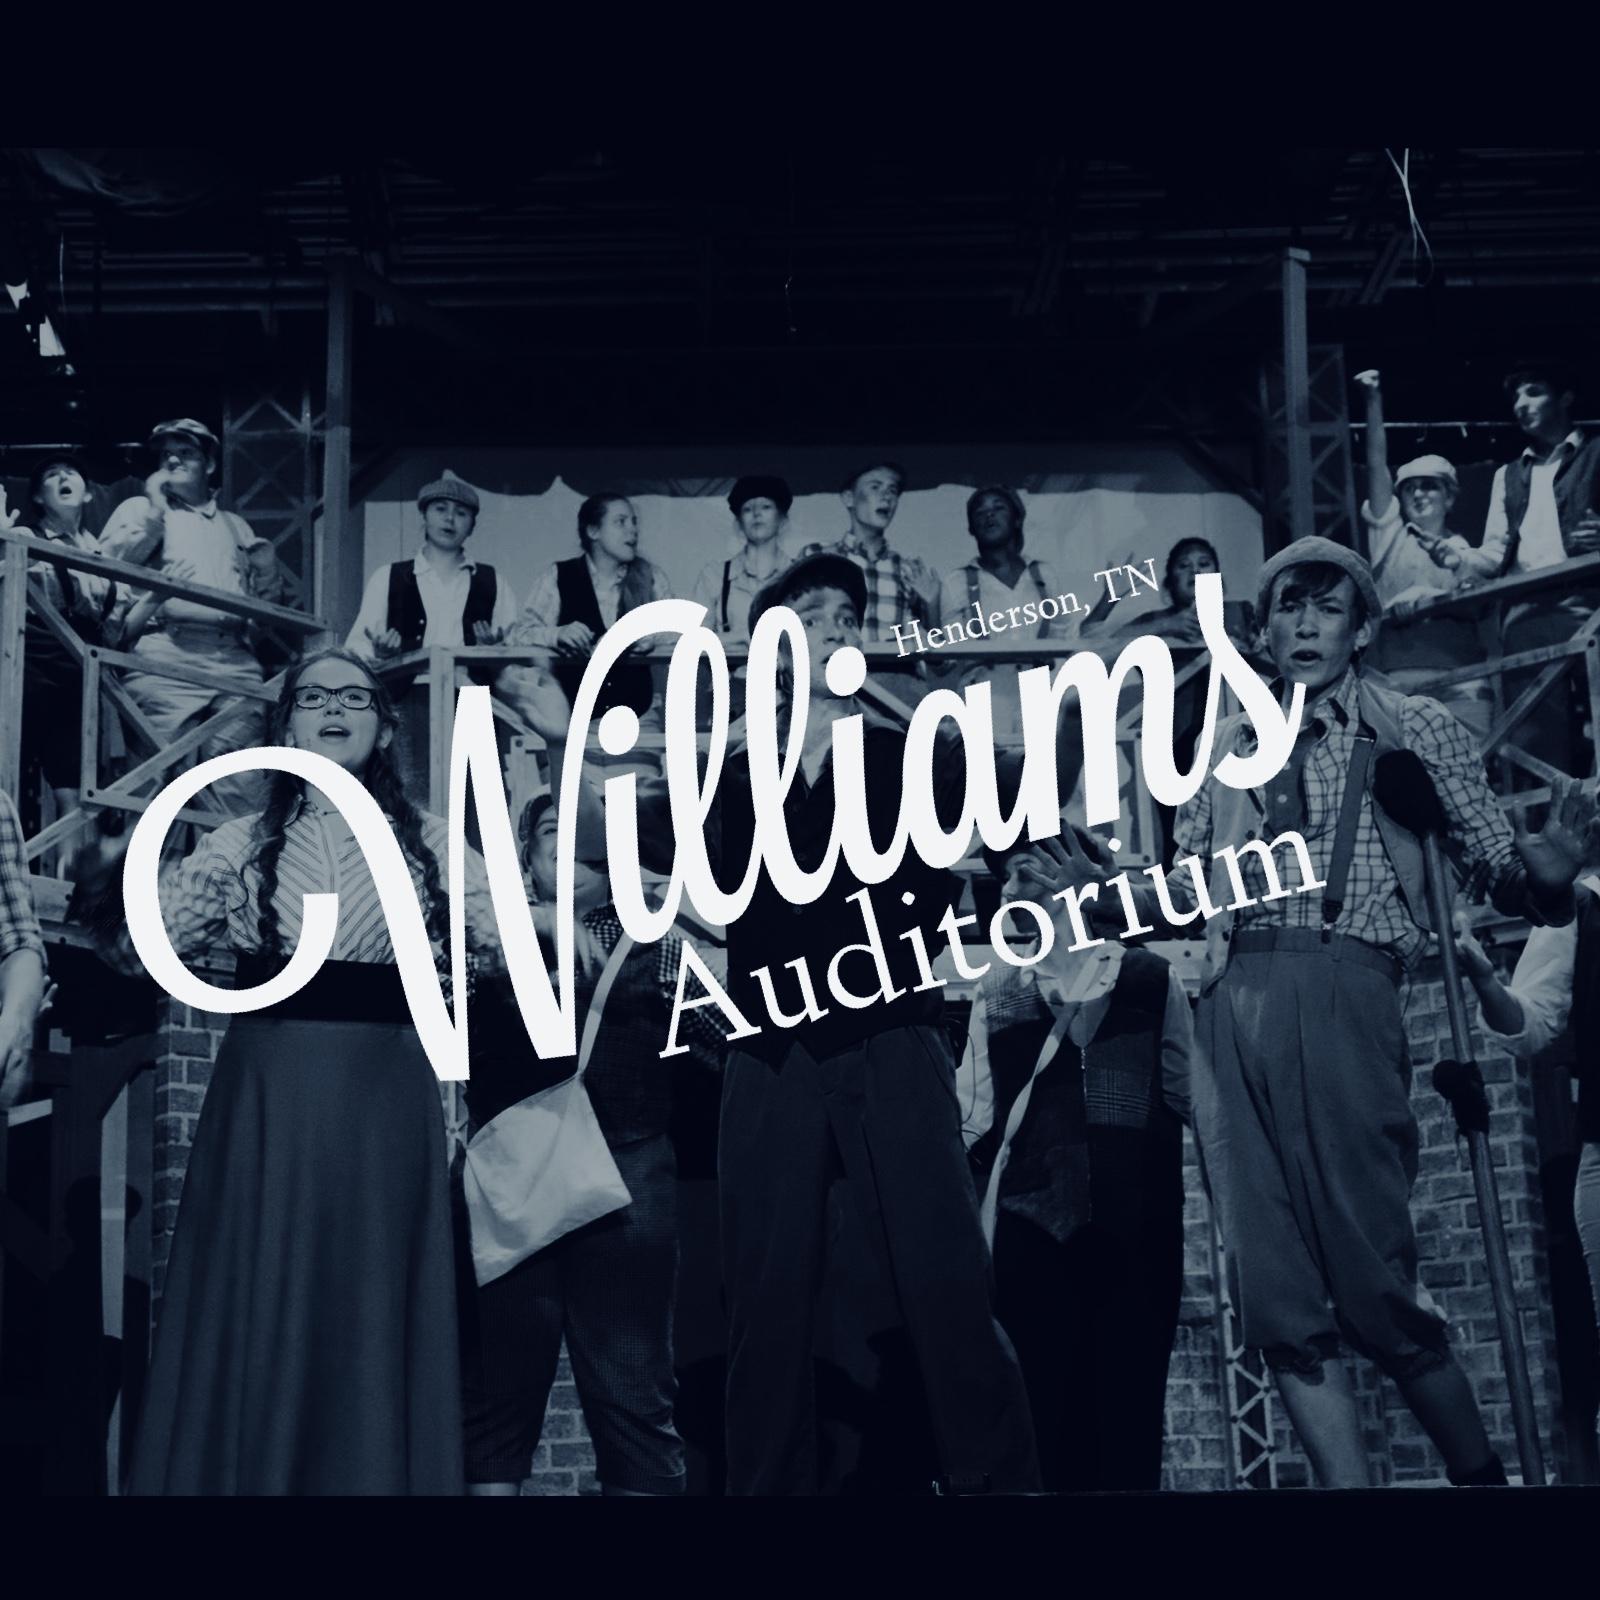 Williams Auditorium: Main Image